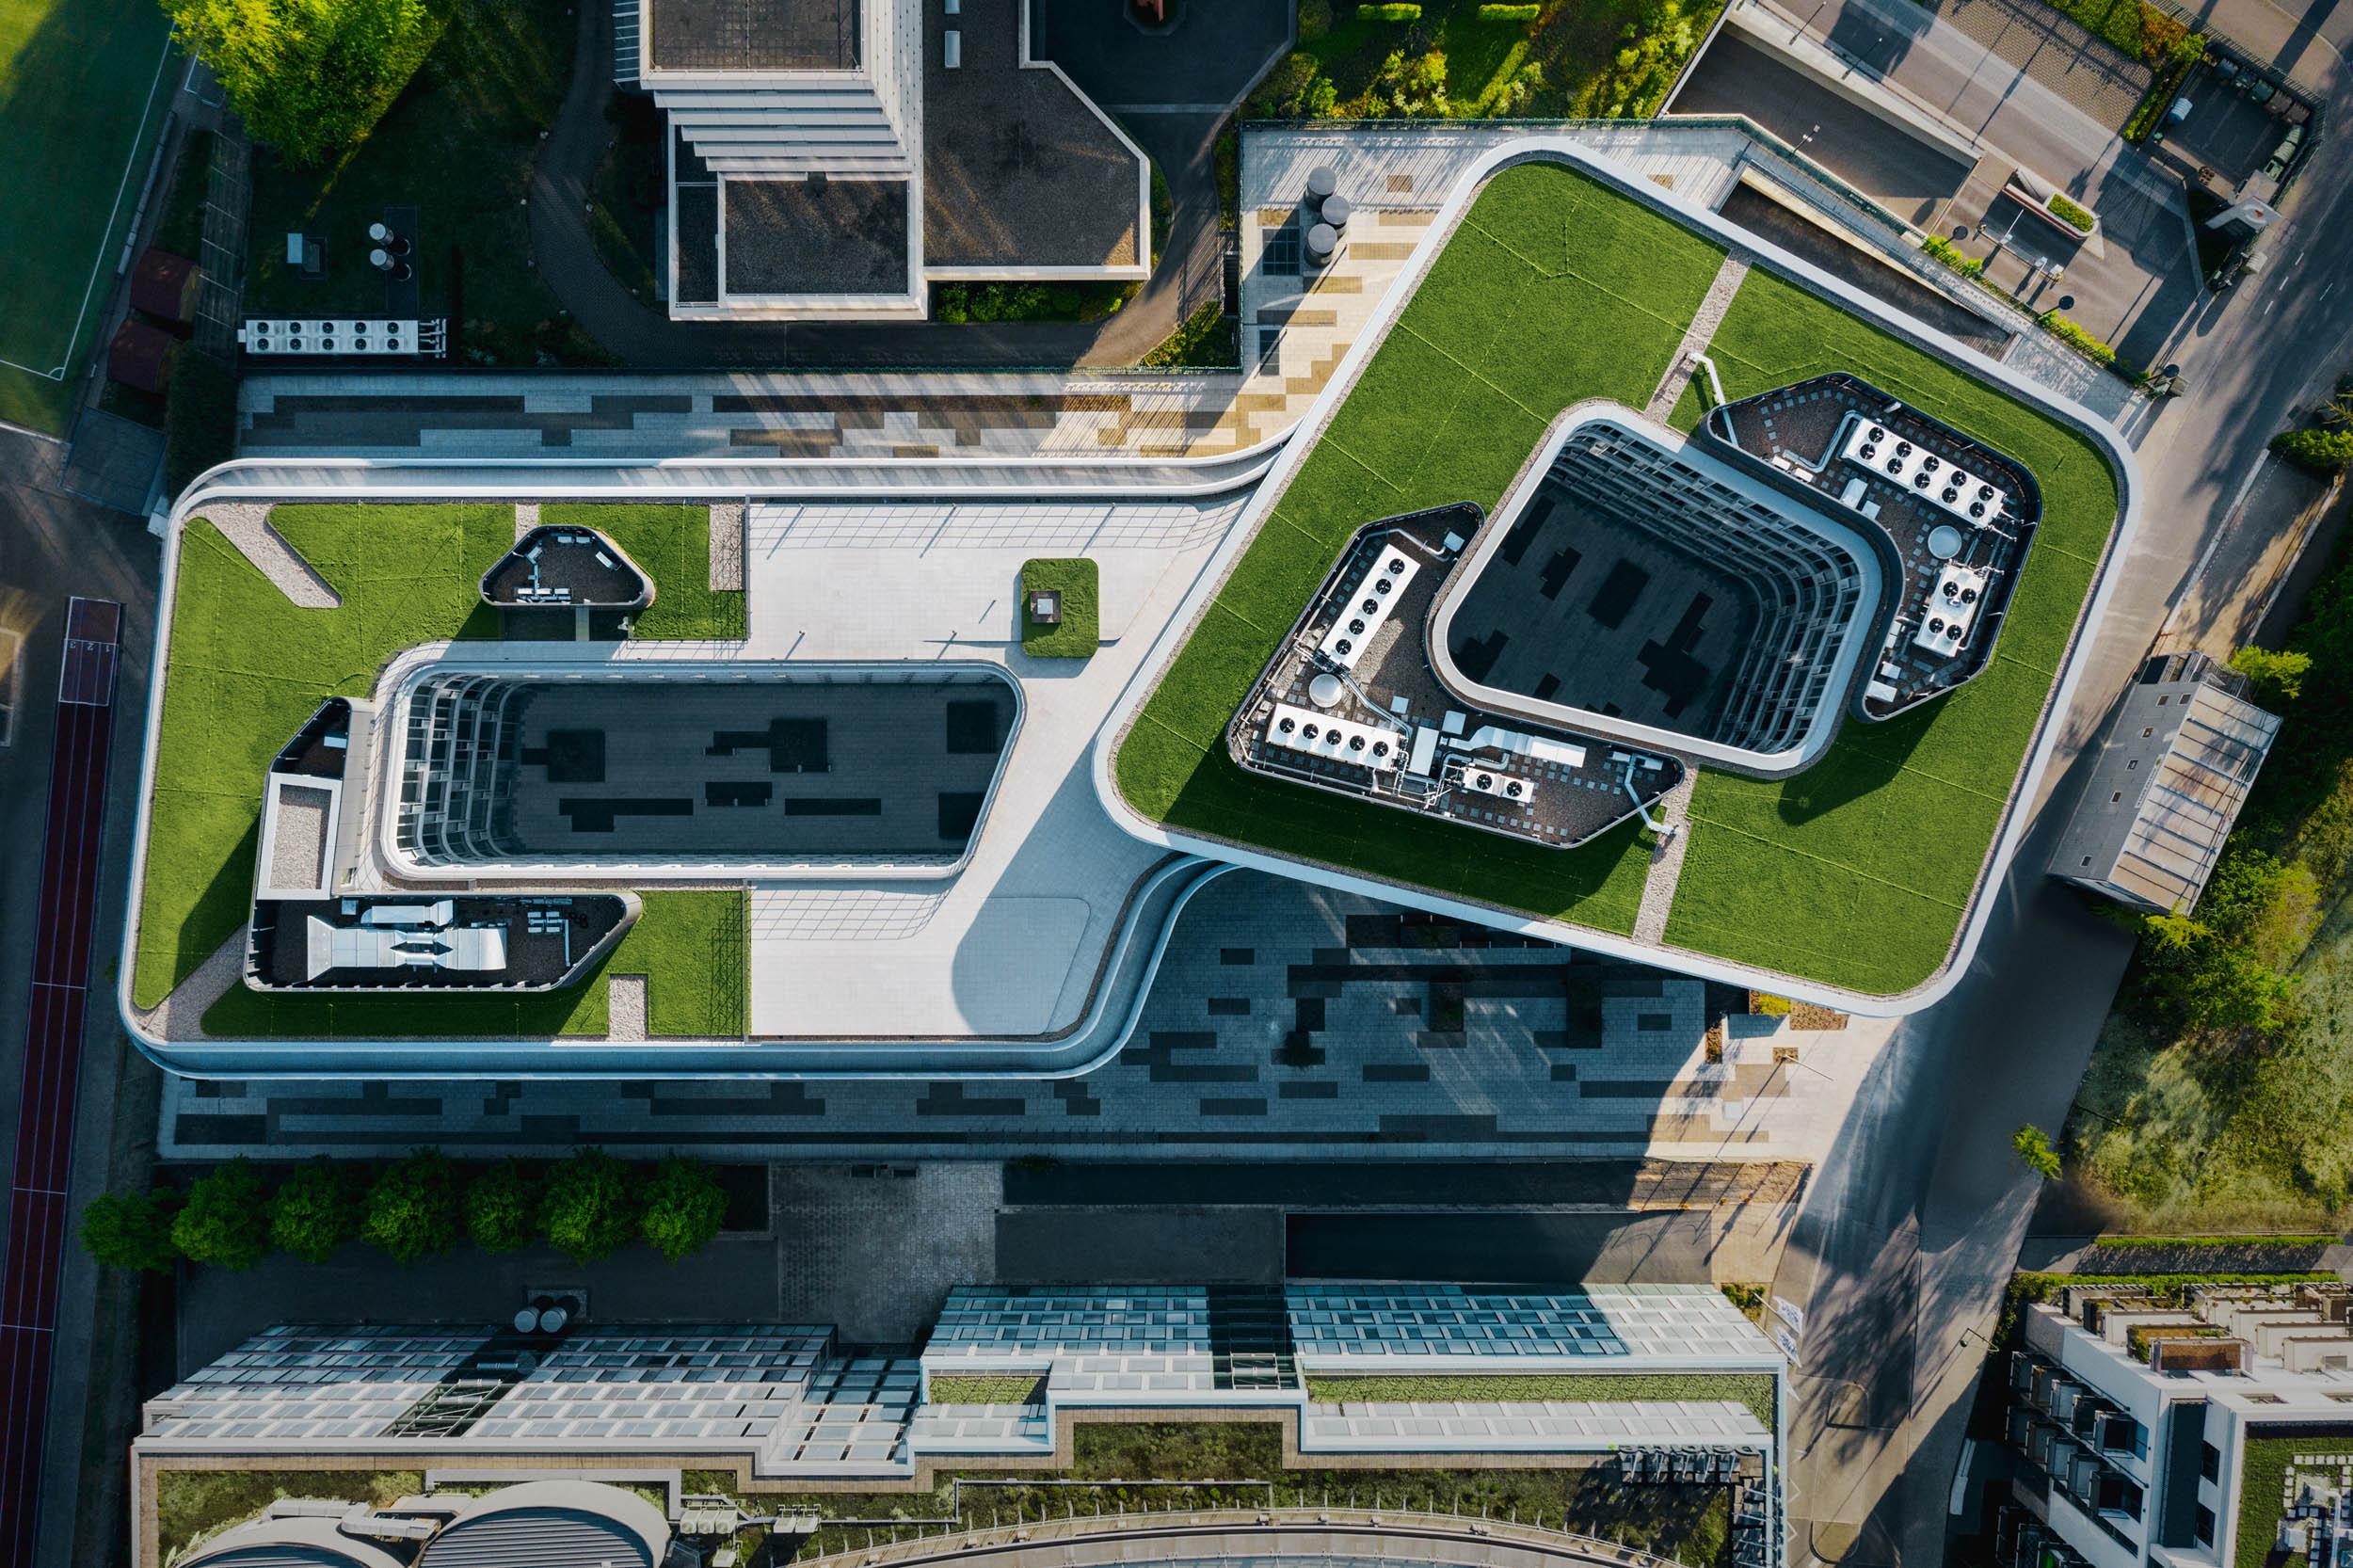 Gustav-Epple-Bauunternehmung-Infinity-Düsseldoef-Schwannstrasse-Architektur-Büro_DJI_0687